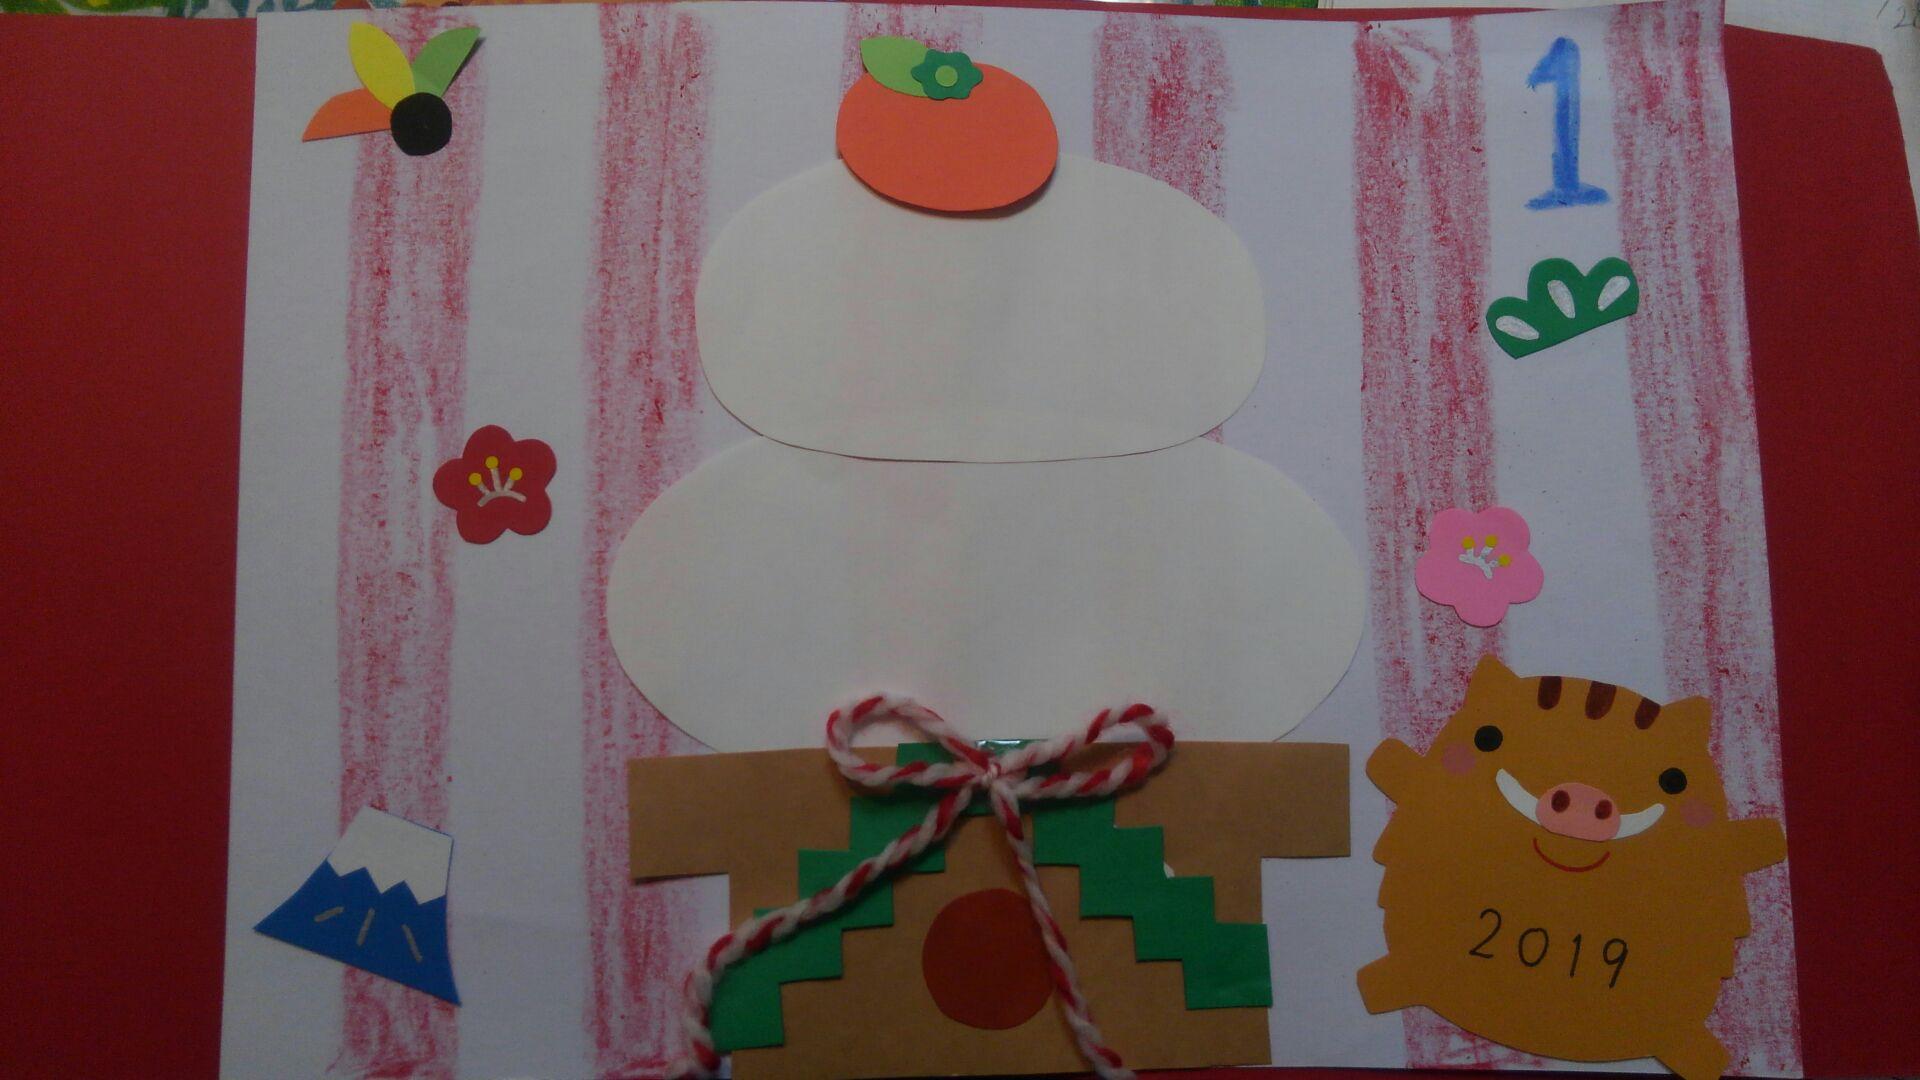 鏡餅・いのししさん・富士山・羽根つきなどのイラスト。造形で製作された1月カレンダーです。